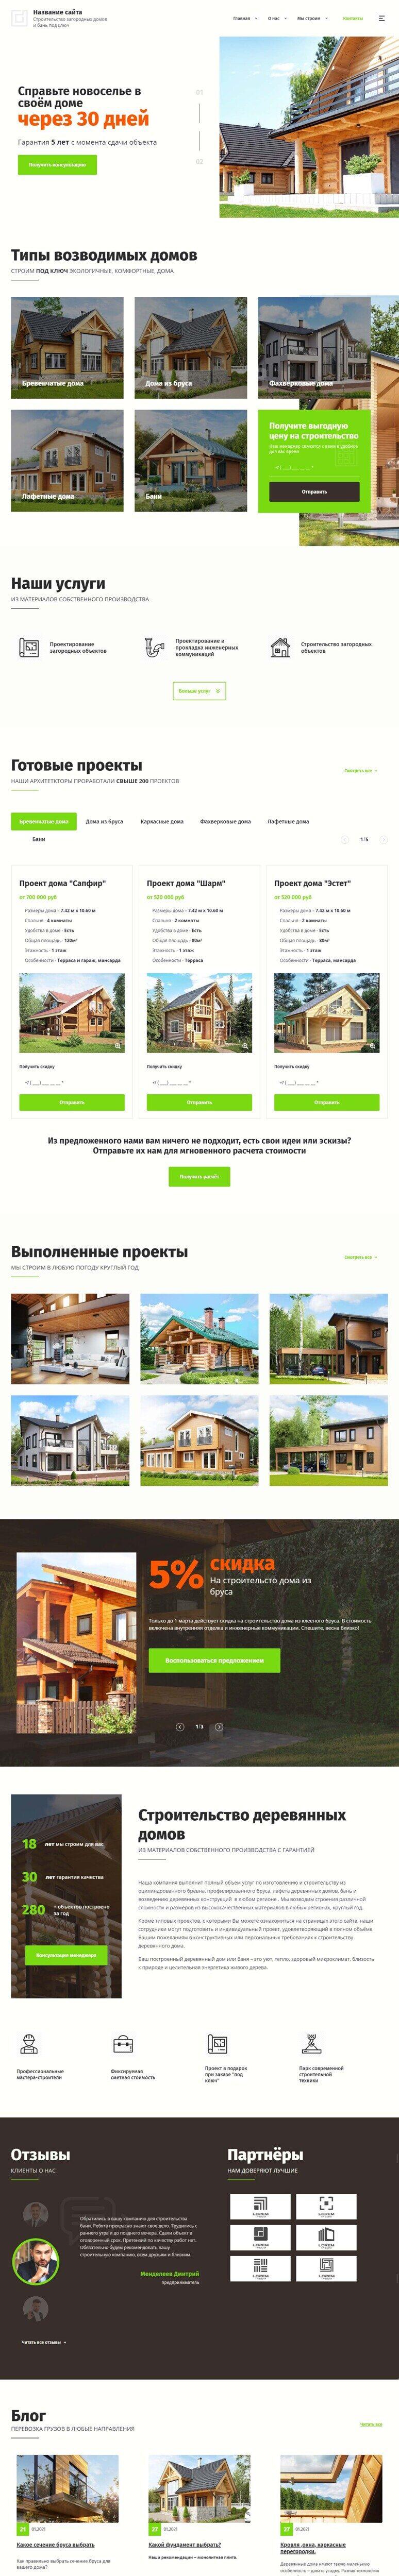 Готовый Сайт-Бизнес #2881174 - Загородное строительство (Главная)